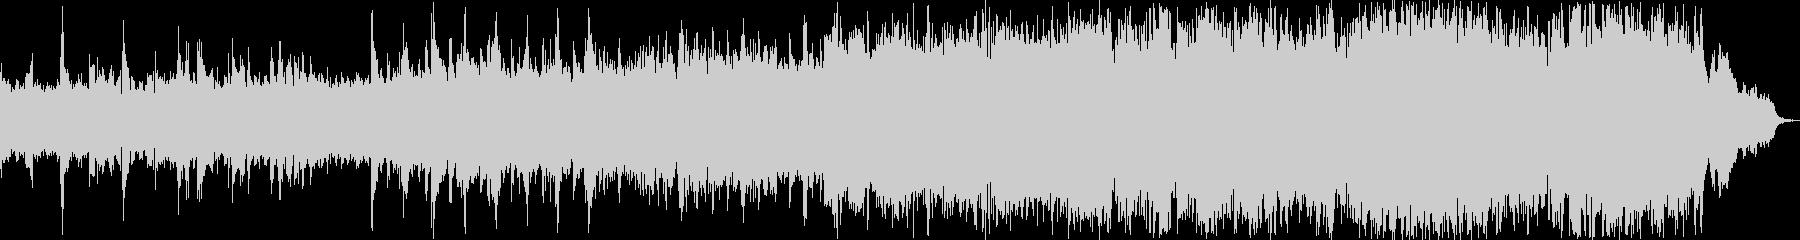 感動映像・ゲームのBGMの未再生の波形